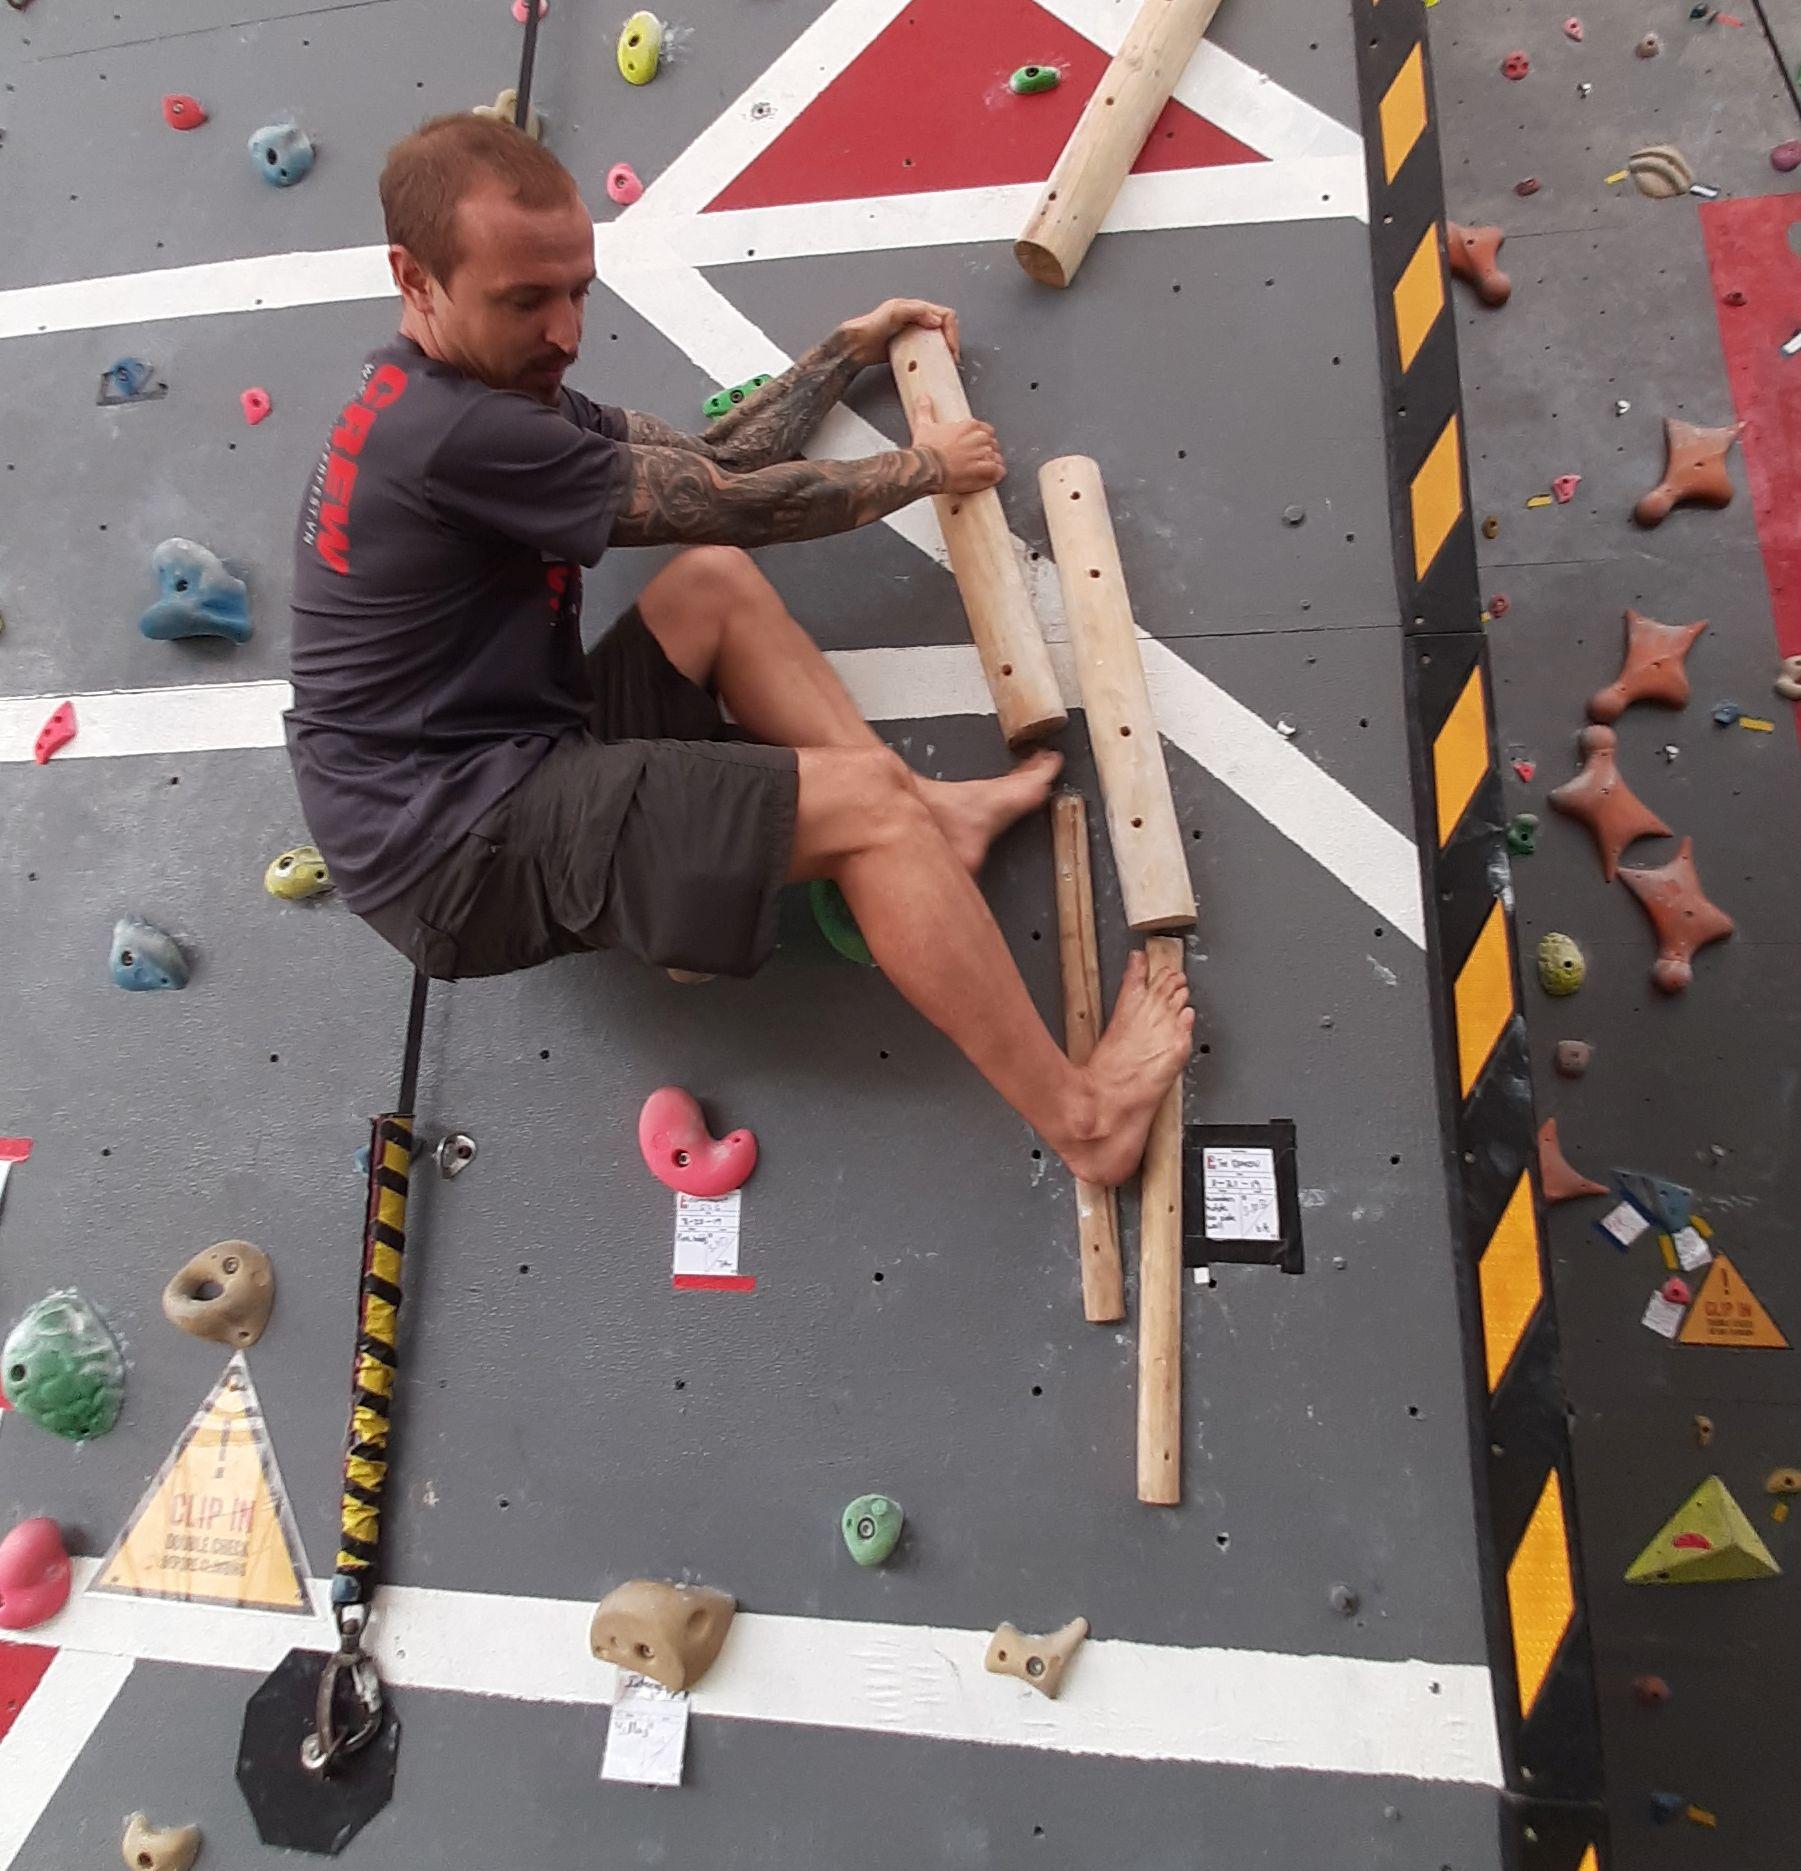 Chris climbs kraken.jpg